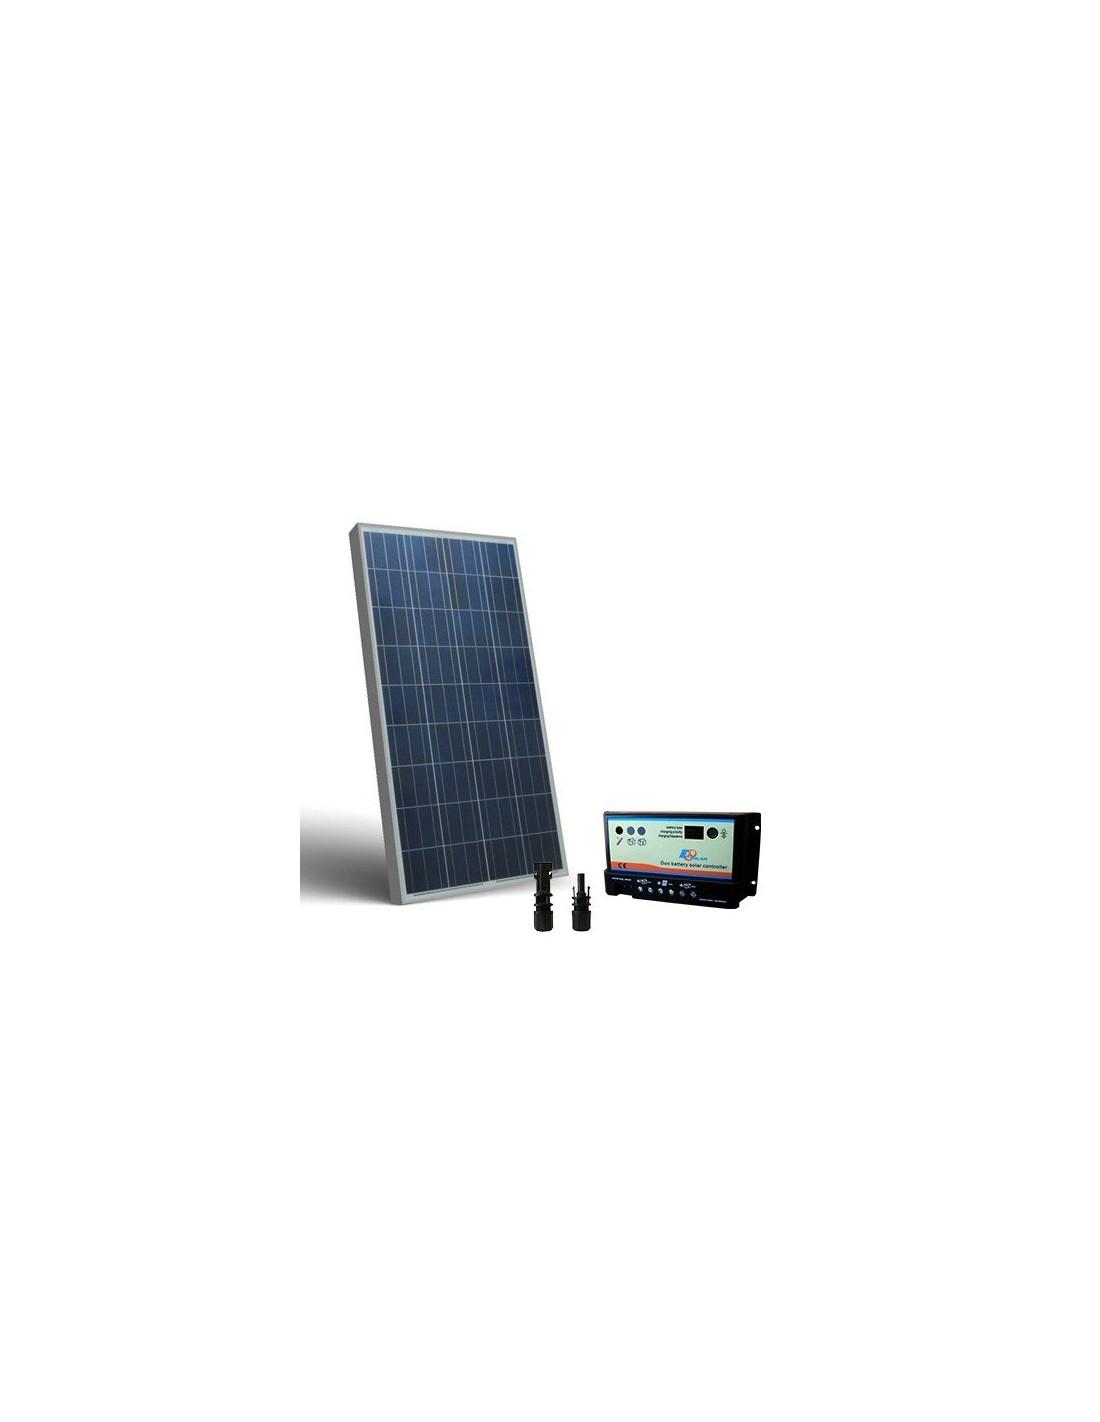 Kit Pannello Solare Roulotte : Kit solare camper w v pannello fotovoltaico